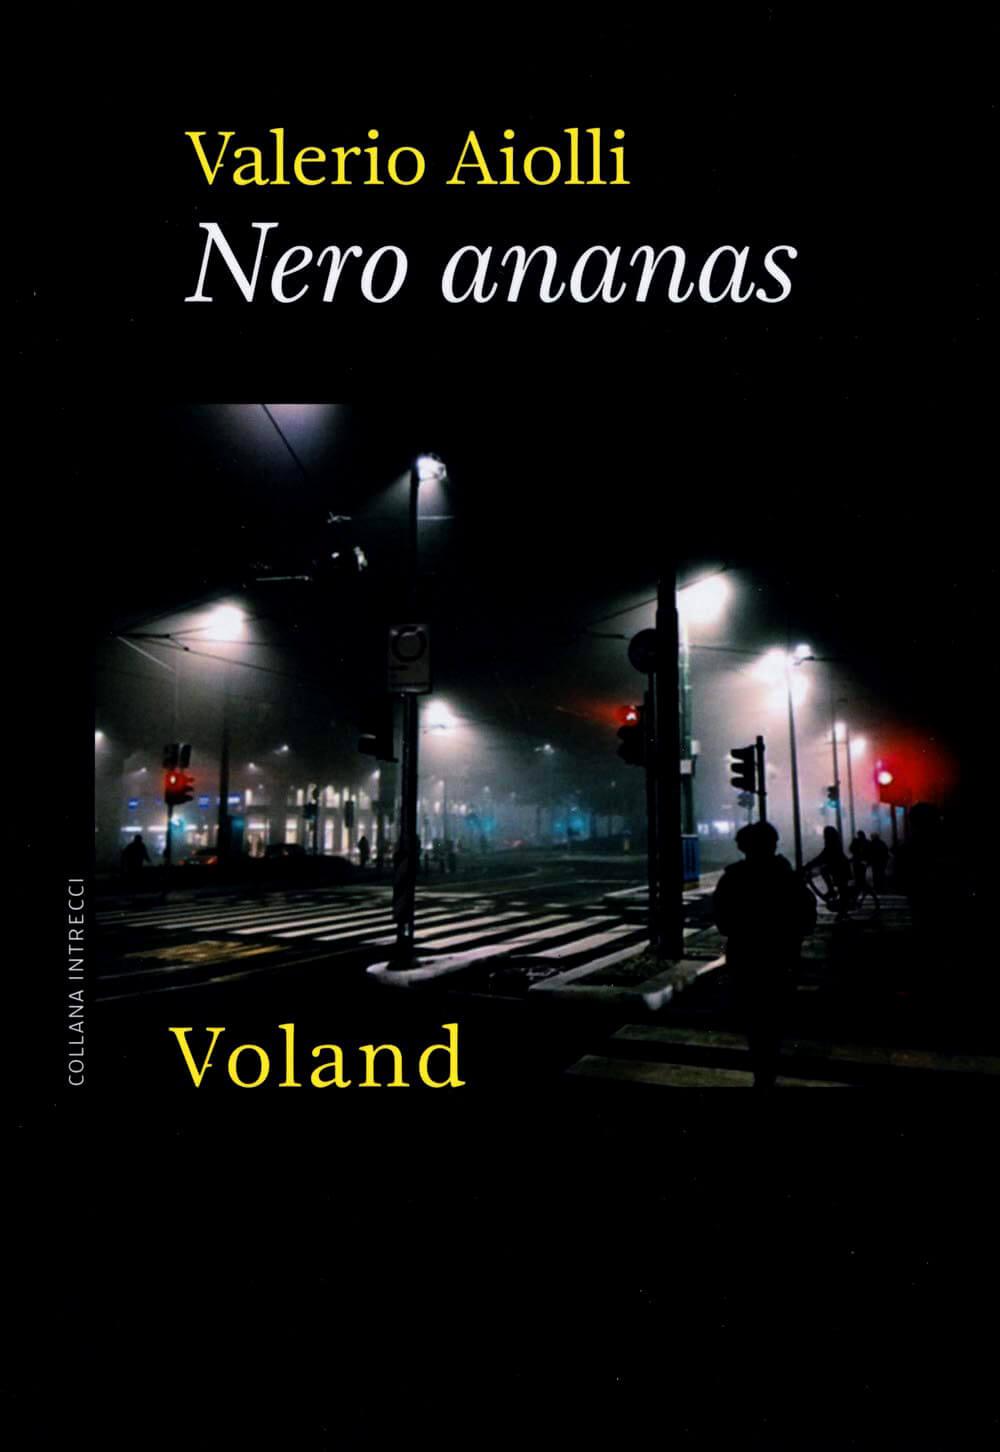 Nero ananas - Valerio Aiolli - Recensione